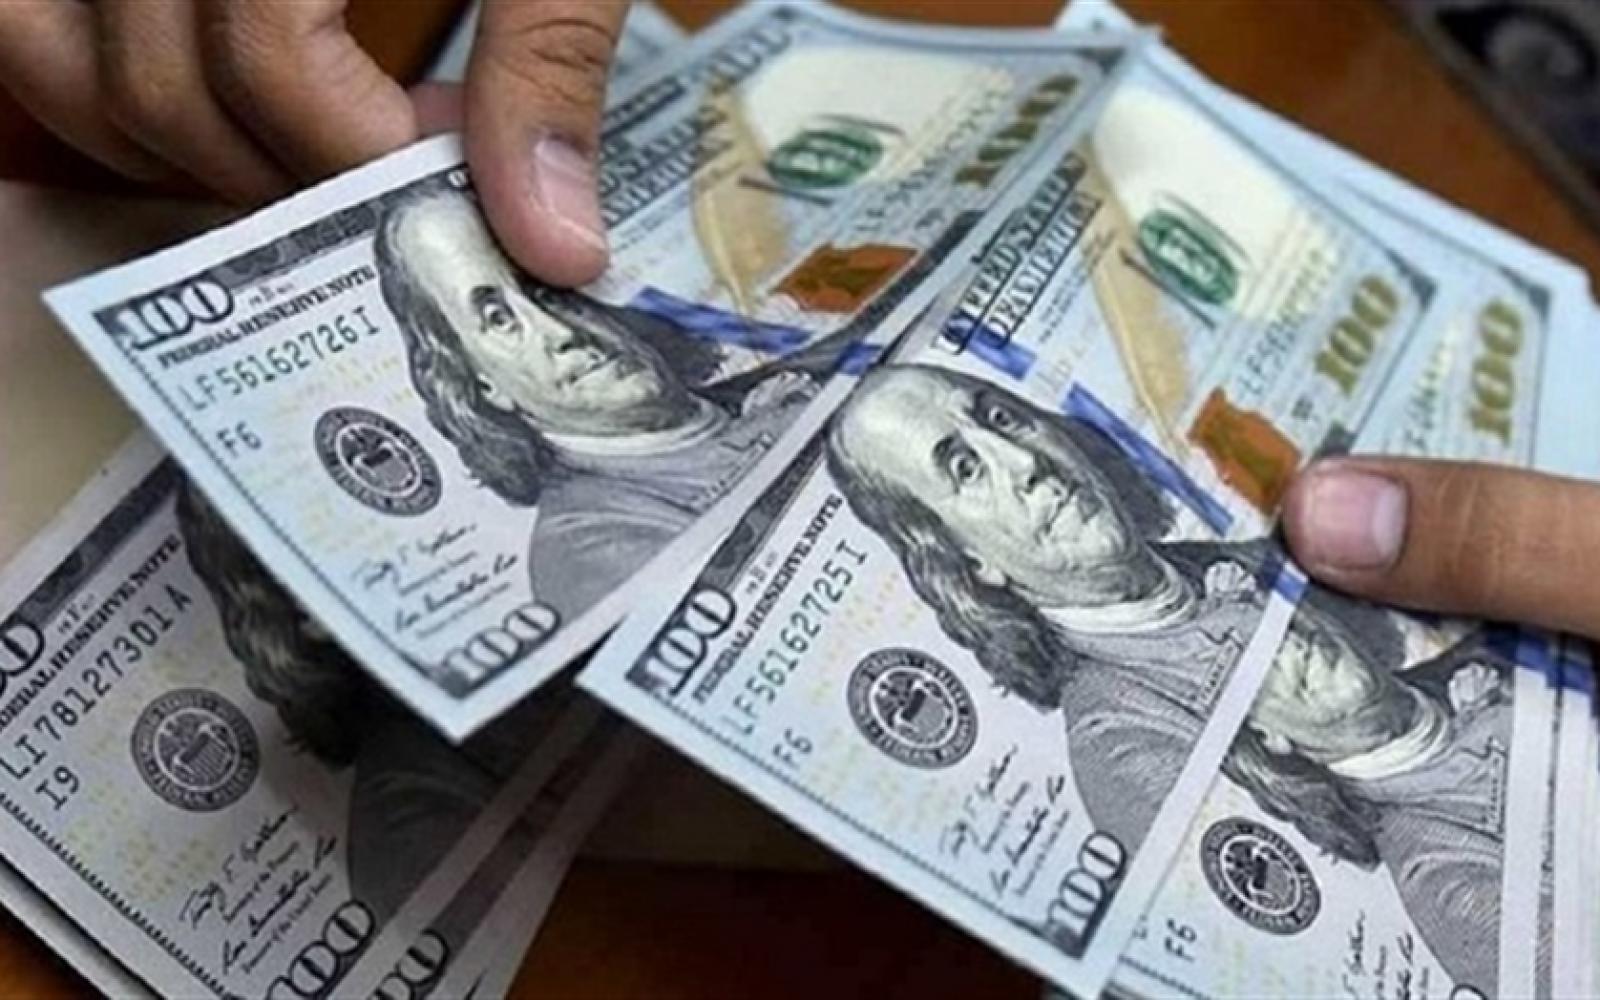 El grupo Molinos busca hacerse de fondos para equilibrar las cuentas